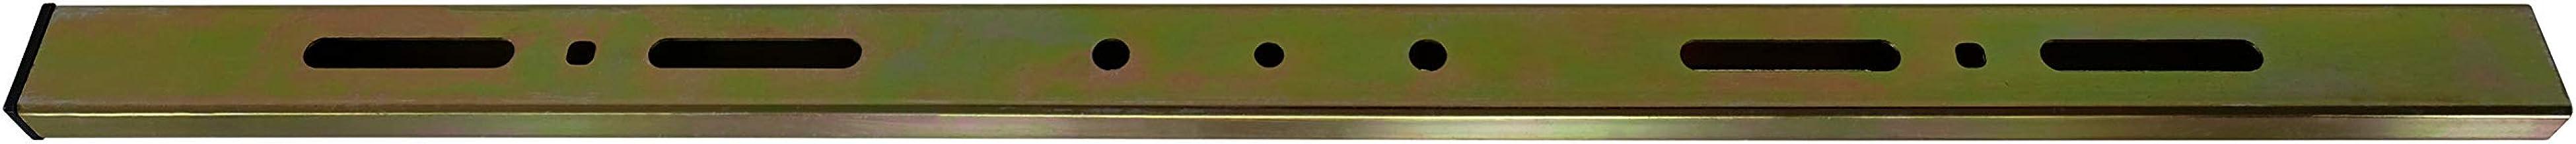 Brennenstuhl 1172640059 dwarsbalken CB 70 / statief dwarsstang voor de opname van twee bouwspots (krachtig 4-kantig stalen...